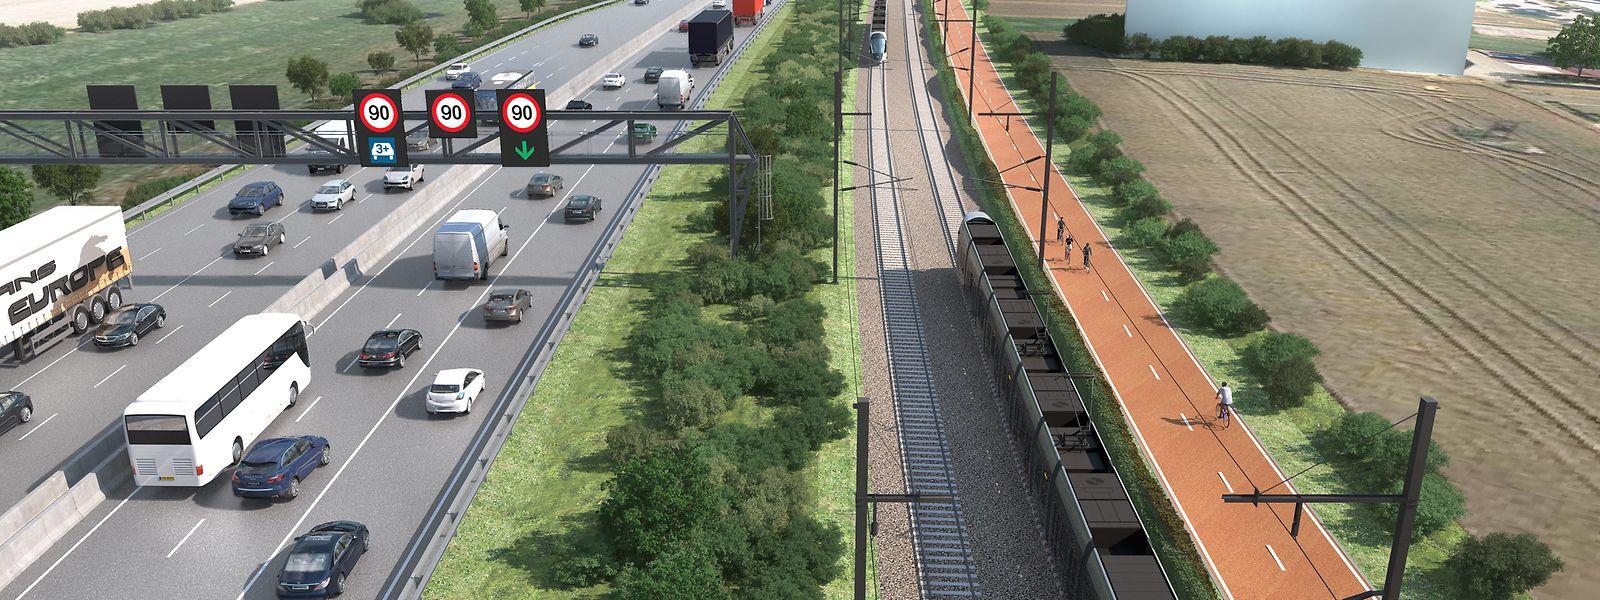 Der Mobilitätskorridor auf der heutigen Autobahn A4. Die dreispurige Autobahn verfügt über eine Spur für Busse und Fahrgemeinschaften. Daneben verlaufen die Tramtrasse und der Fahrradexpressweg.